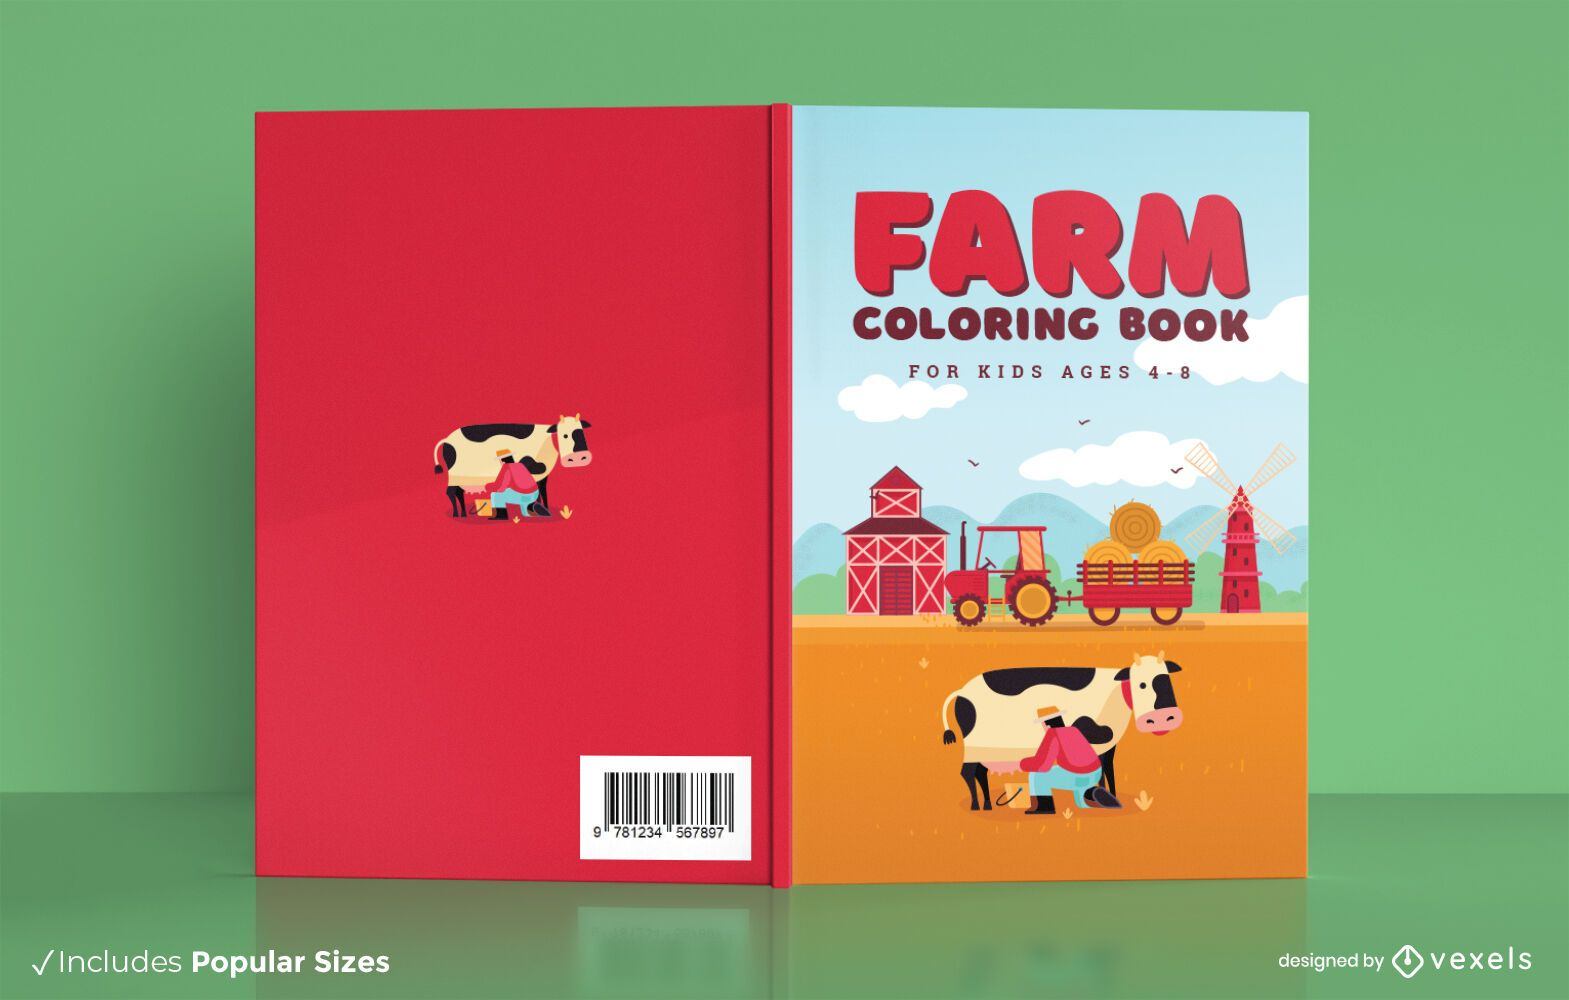 Farm coloring book cover design